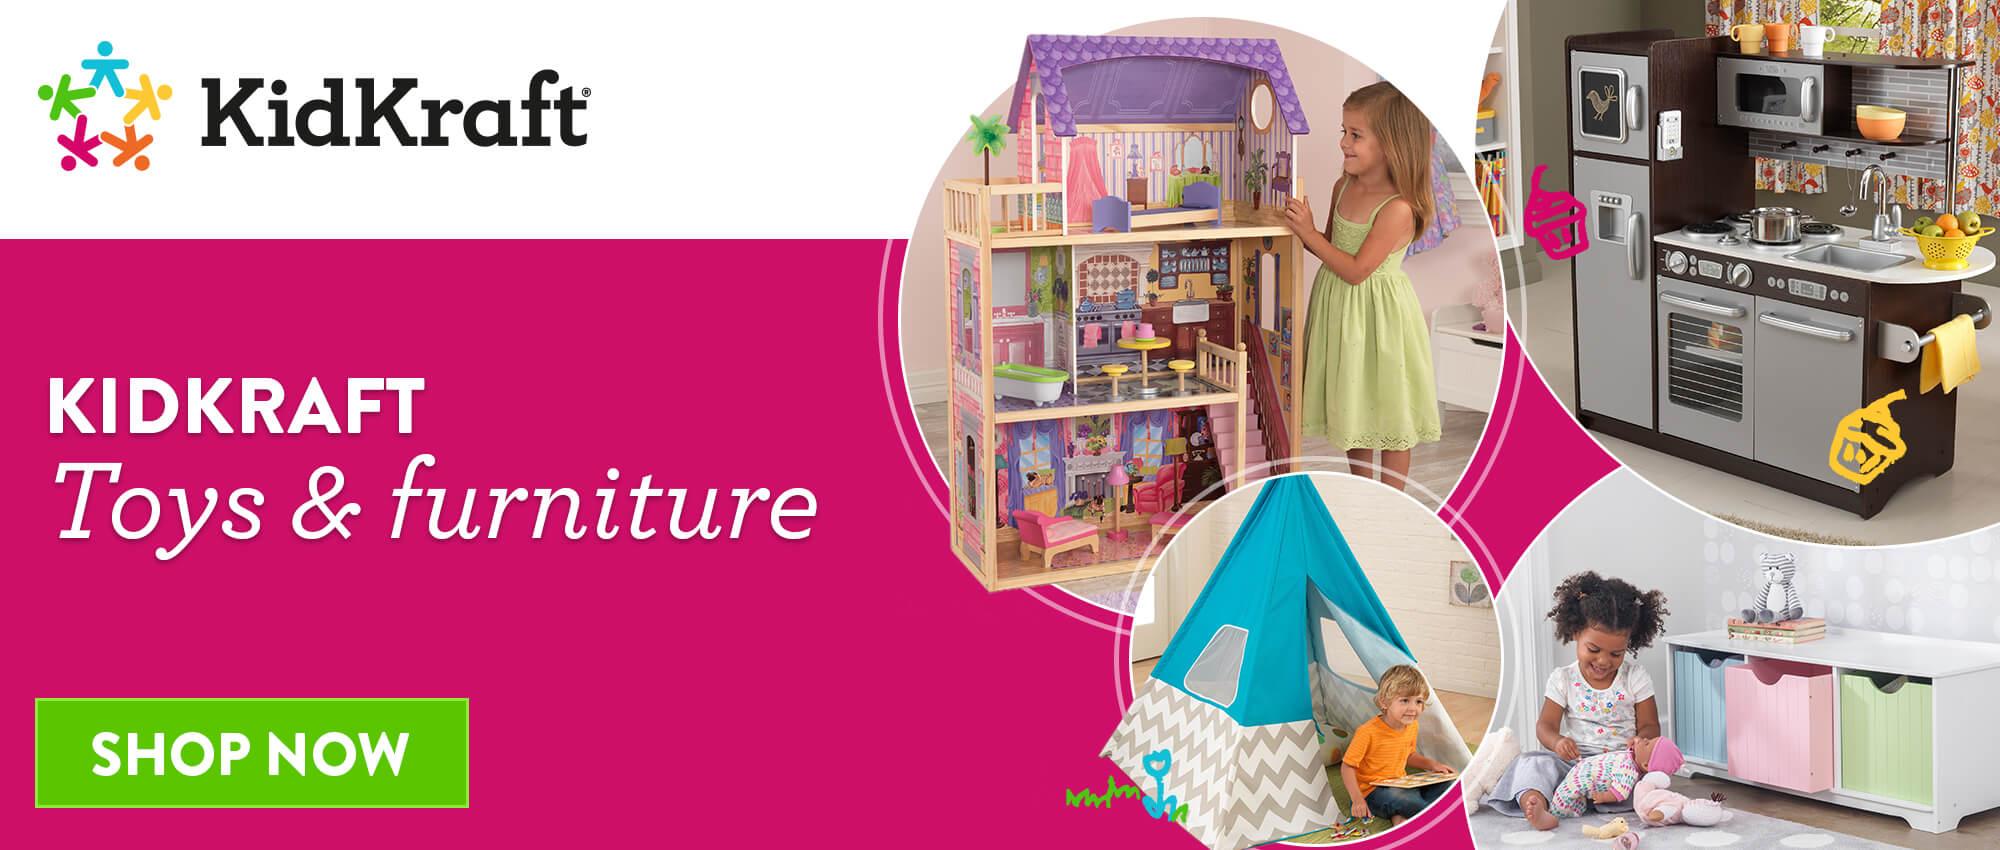 KidKraft Toys & Furniture 1